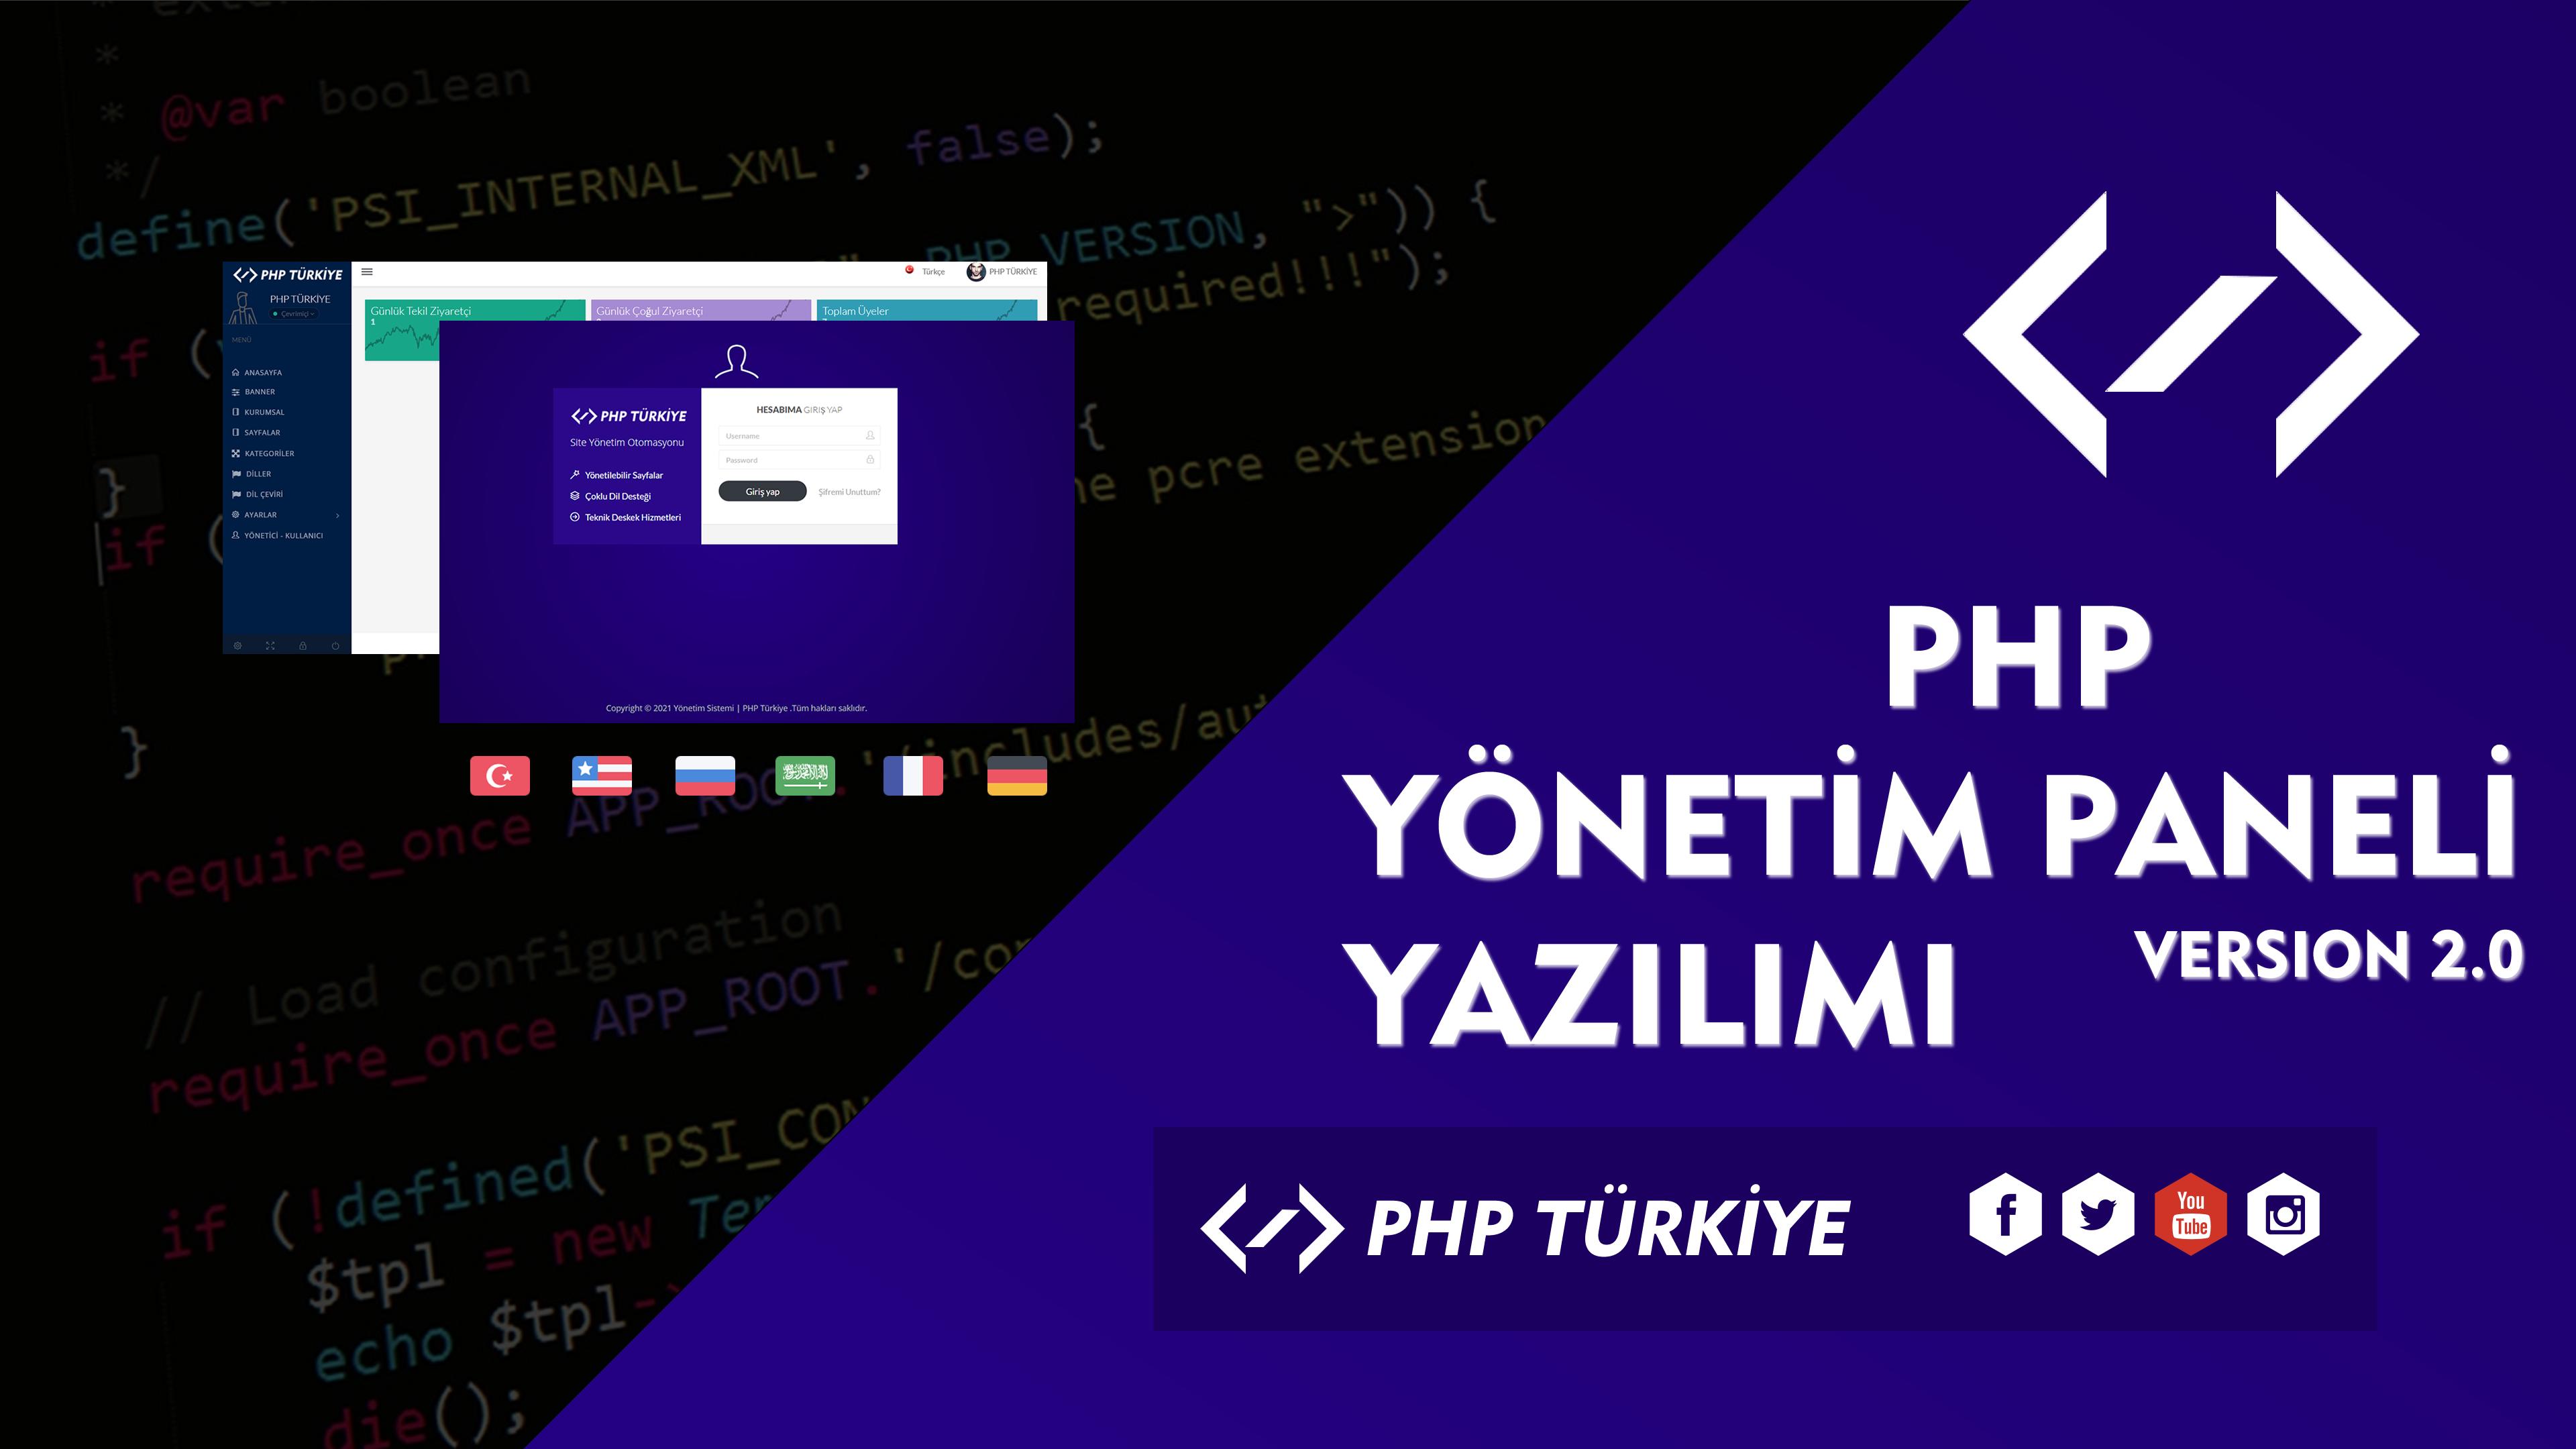 PHP İle Çoklu Dil Destekli Yönetim Paneli Yazılımı